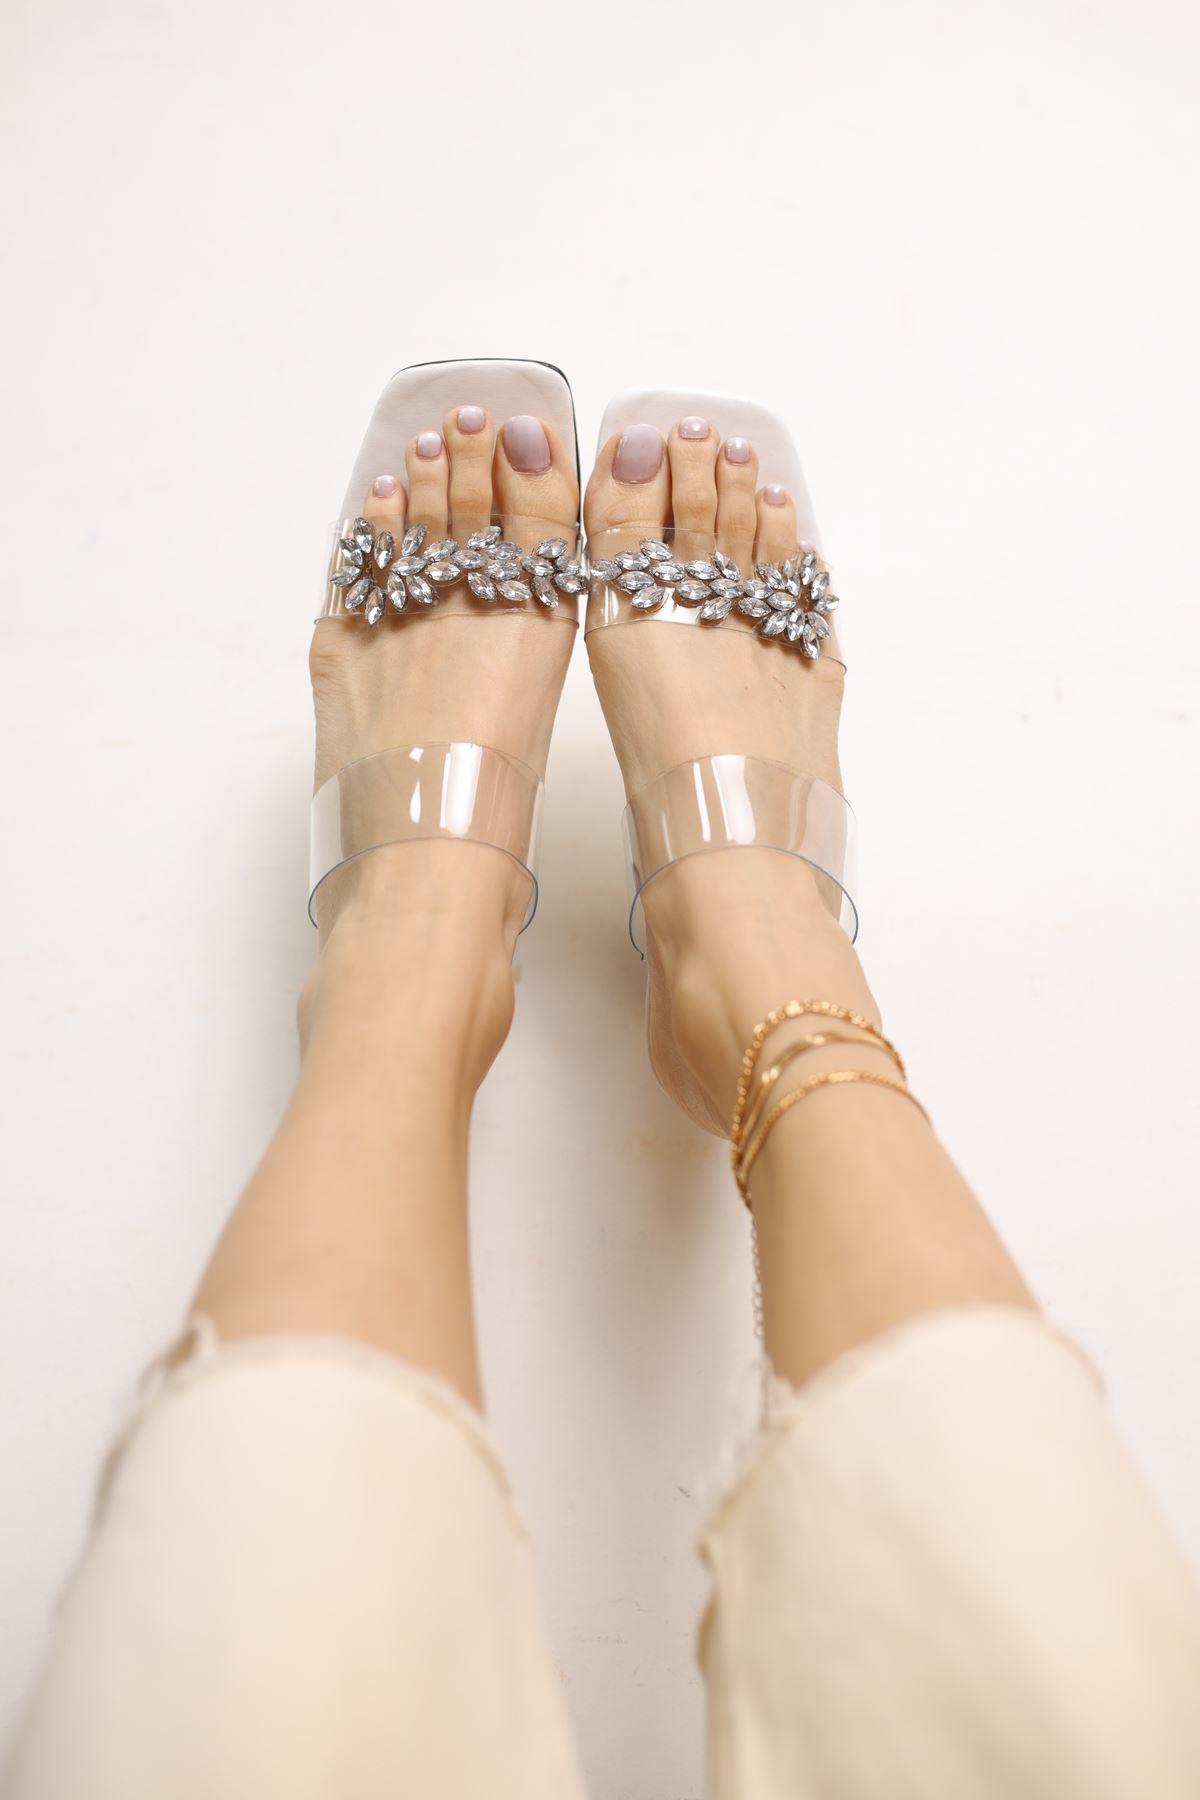 Gali Beyaz Mat Deri Taşlı Kadın Topuklu Ayakkabı